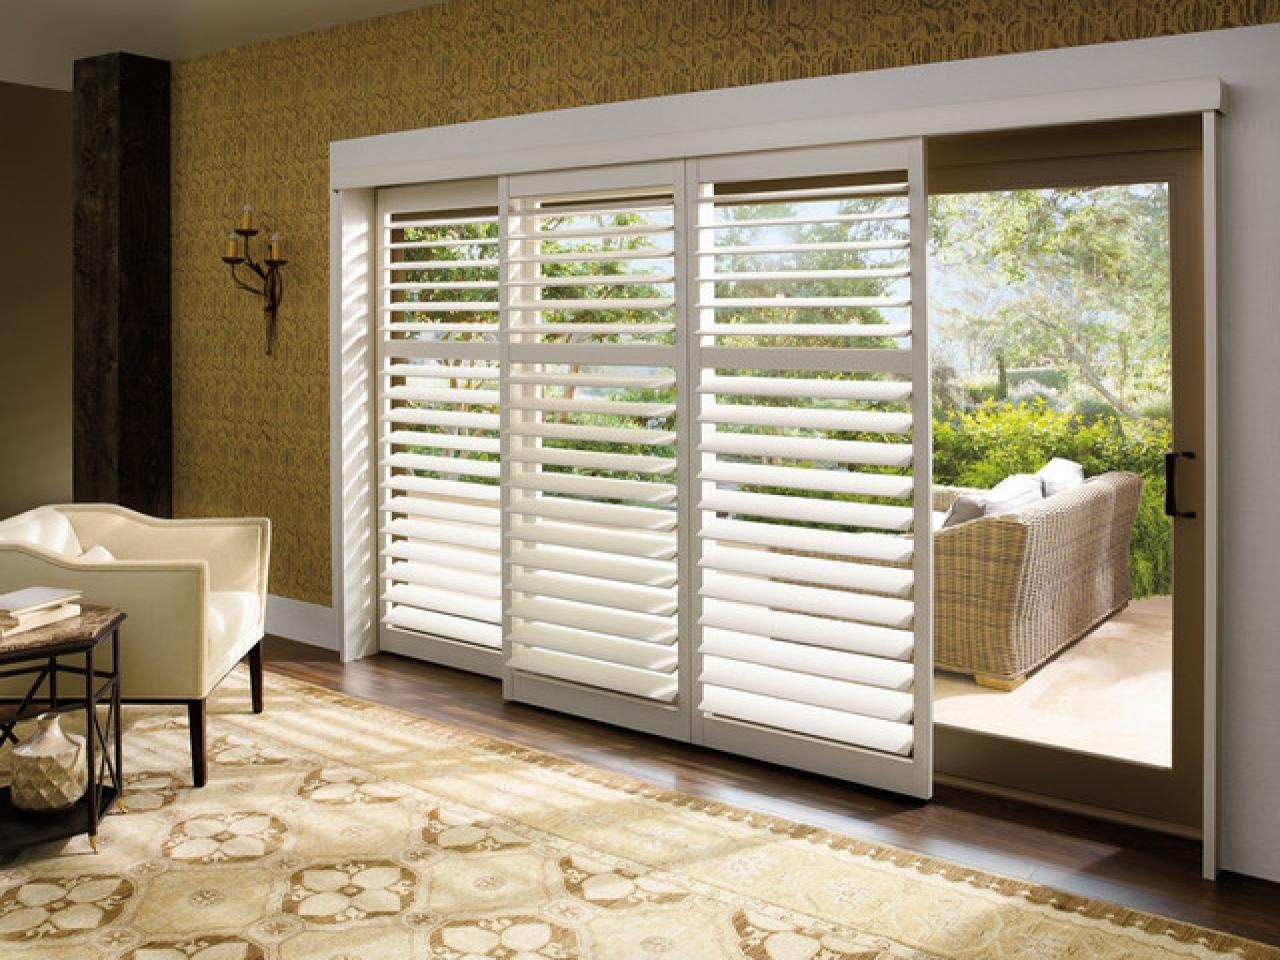 Wooden Blinds For Sliding Doors1280 X 960